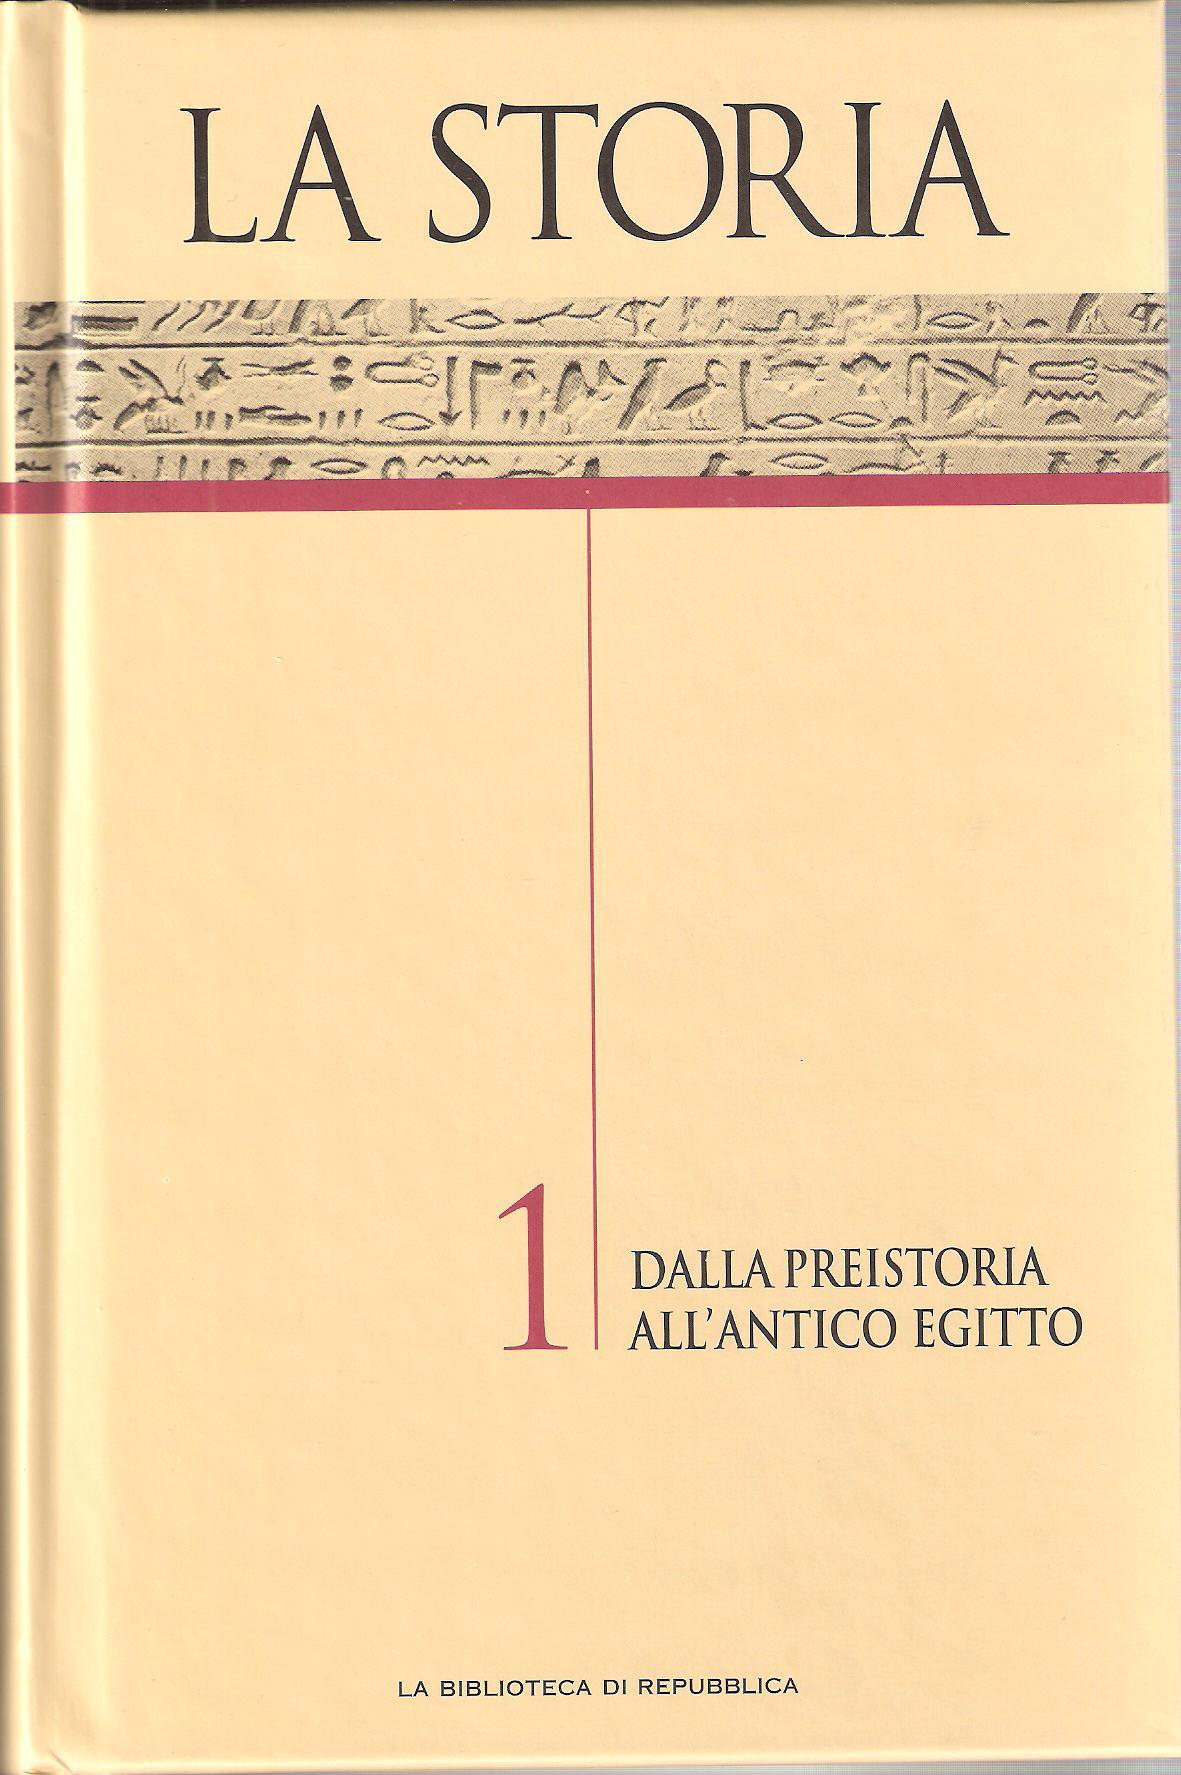 La Storia - 1